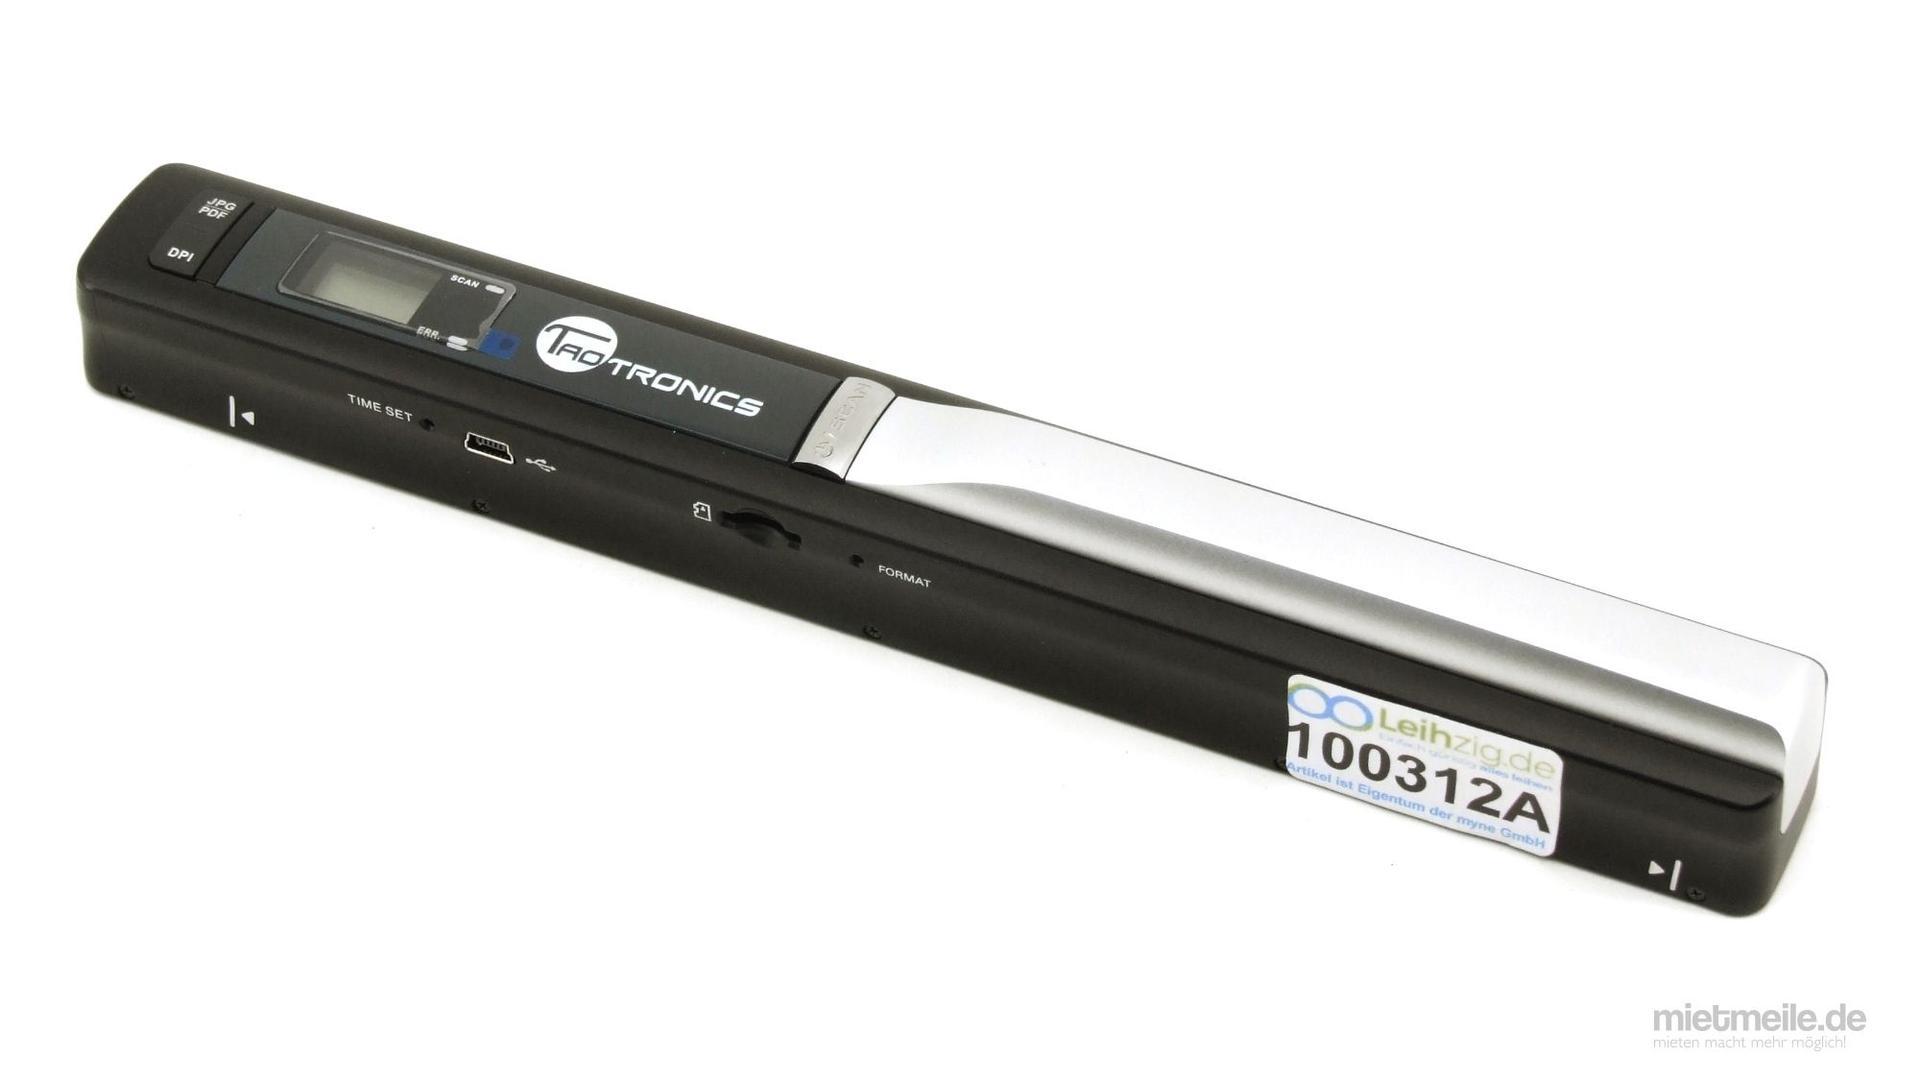 Scanner mieten & vermieten - Handscanner Dokumentenscanner Archiv-Scanner A4 in Schkeuditz